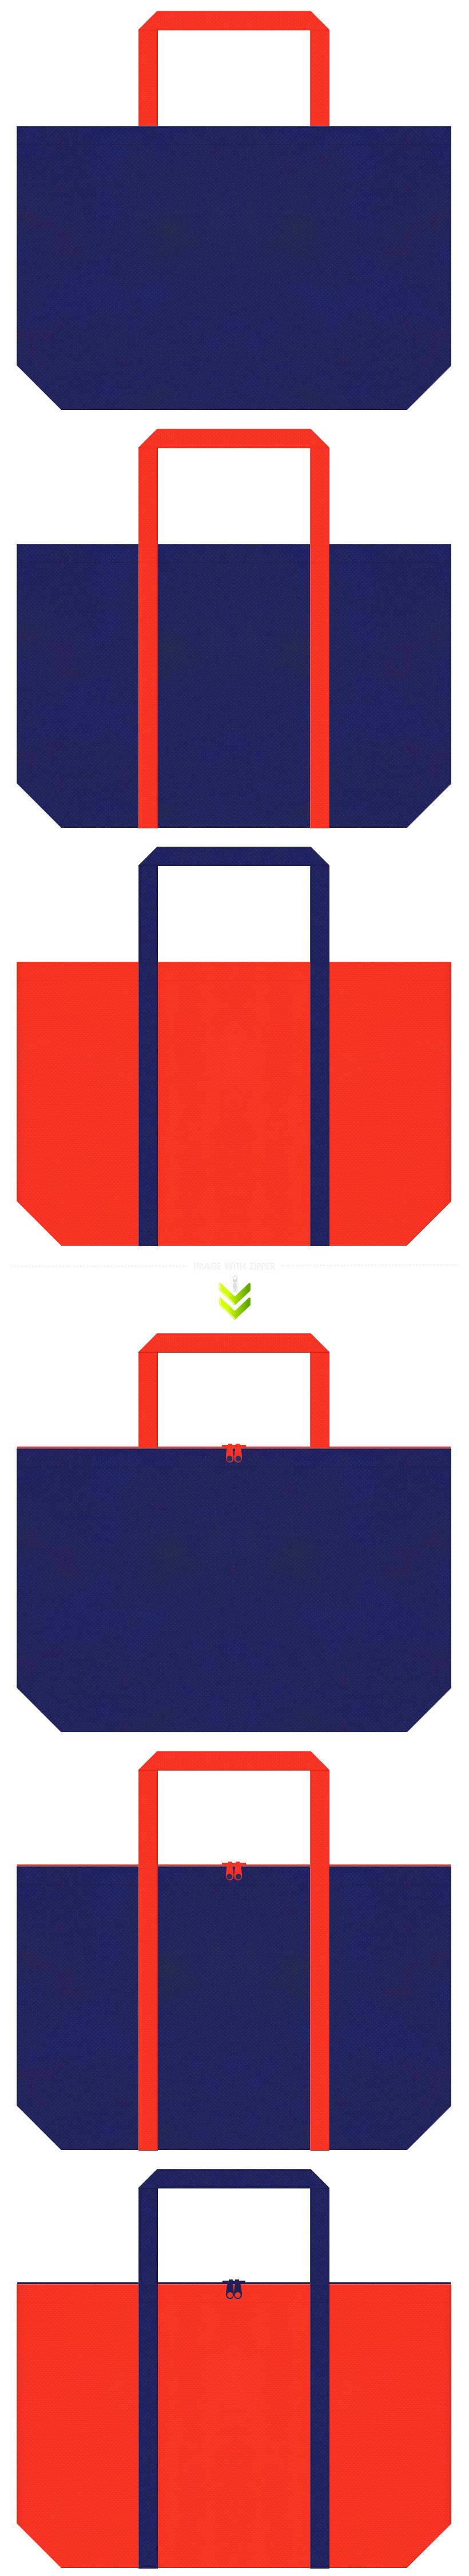 明るい紺色とオレンジ色の不織布ショッピングバッグのデザイン